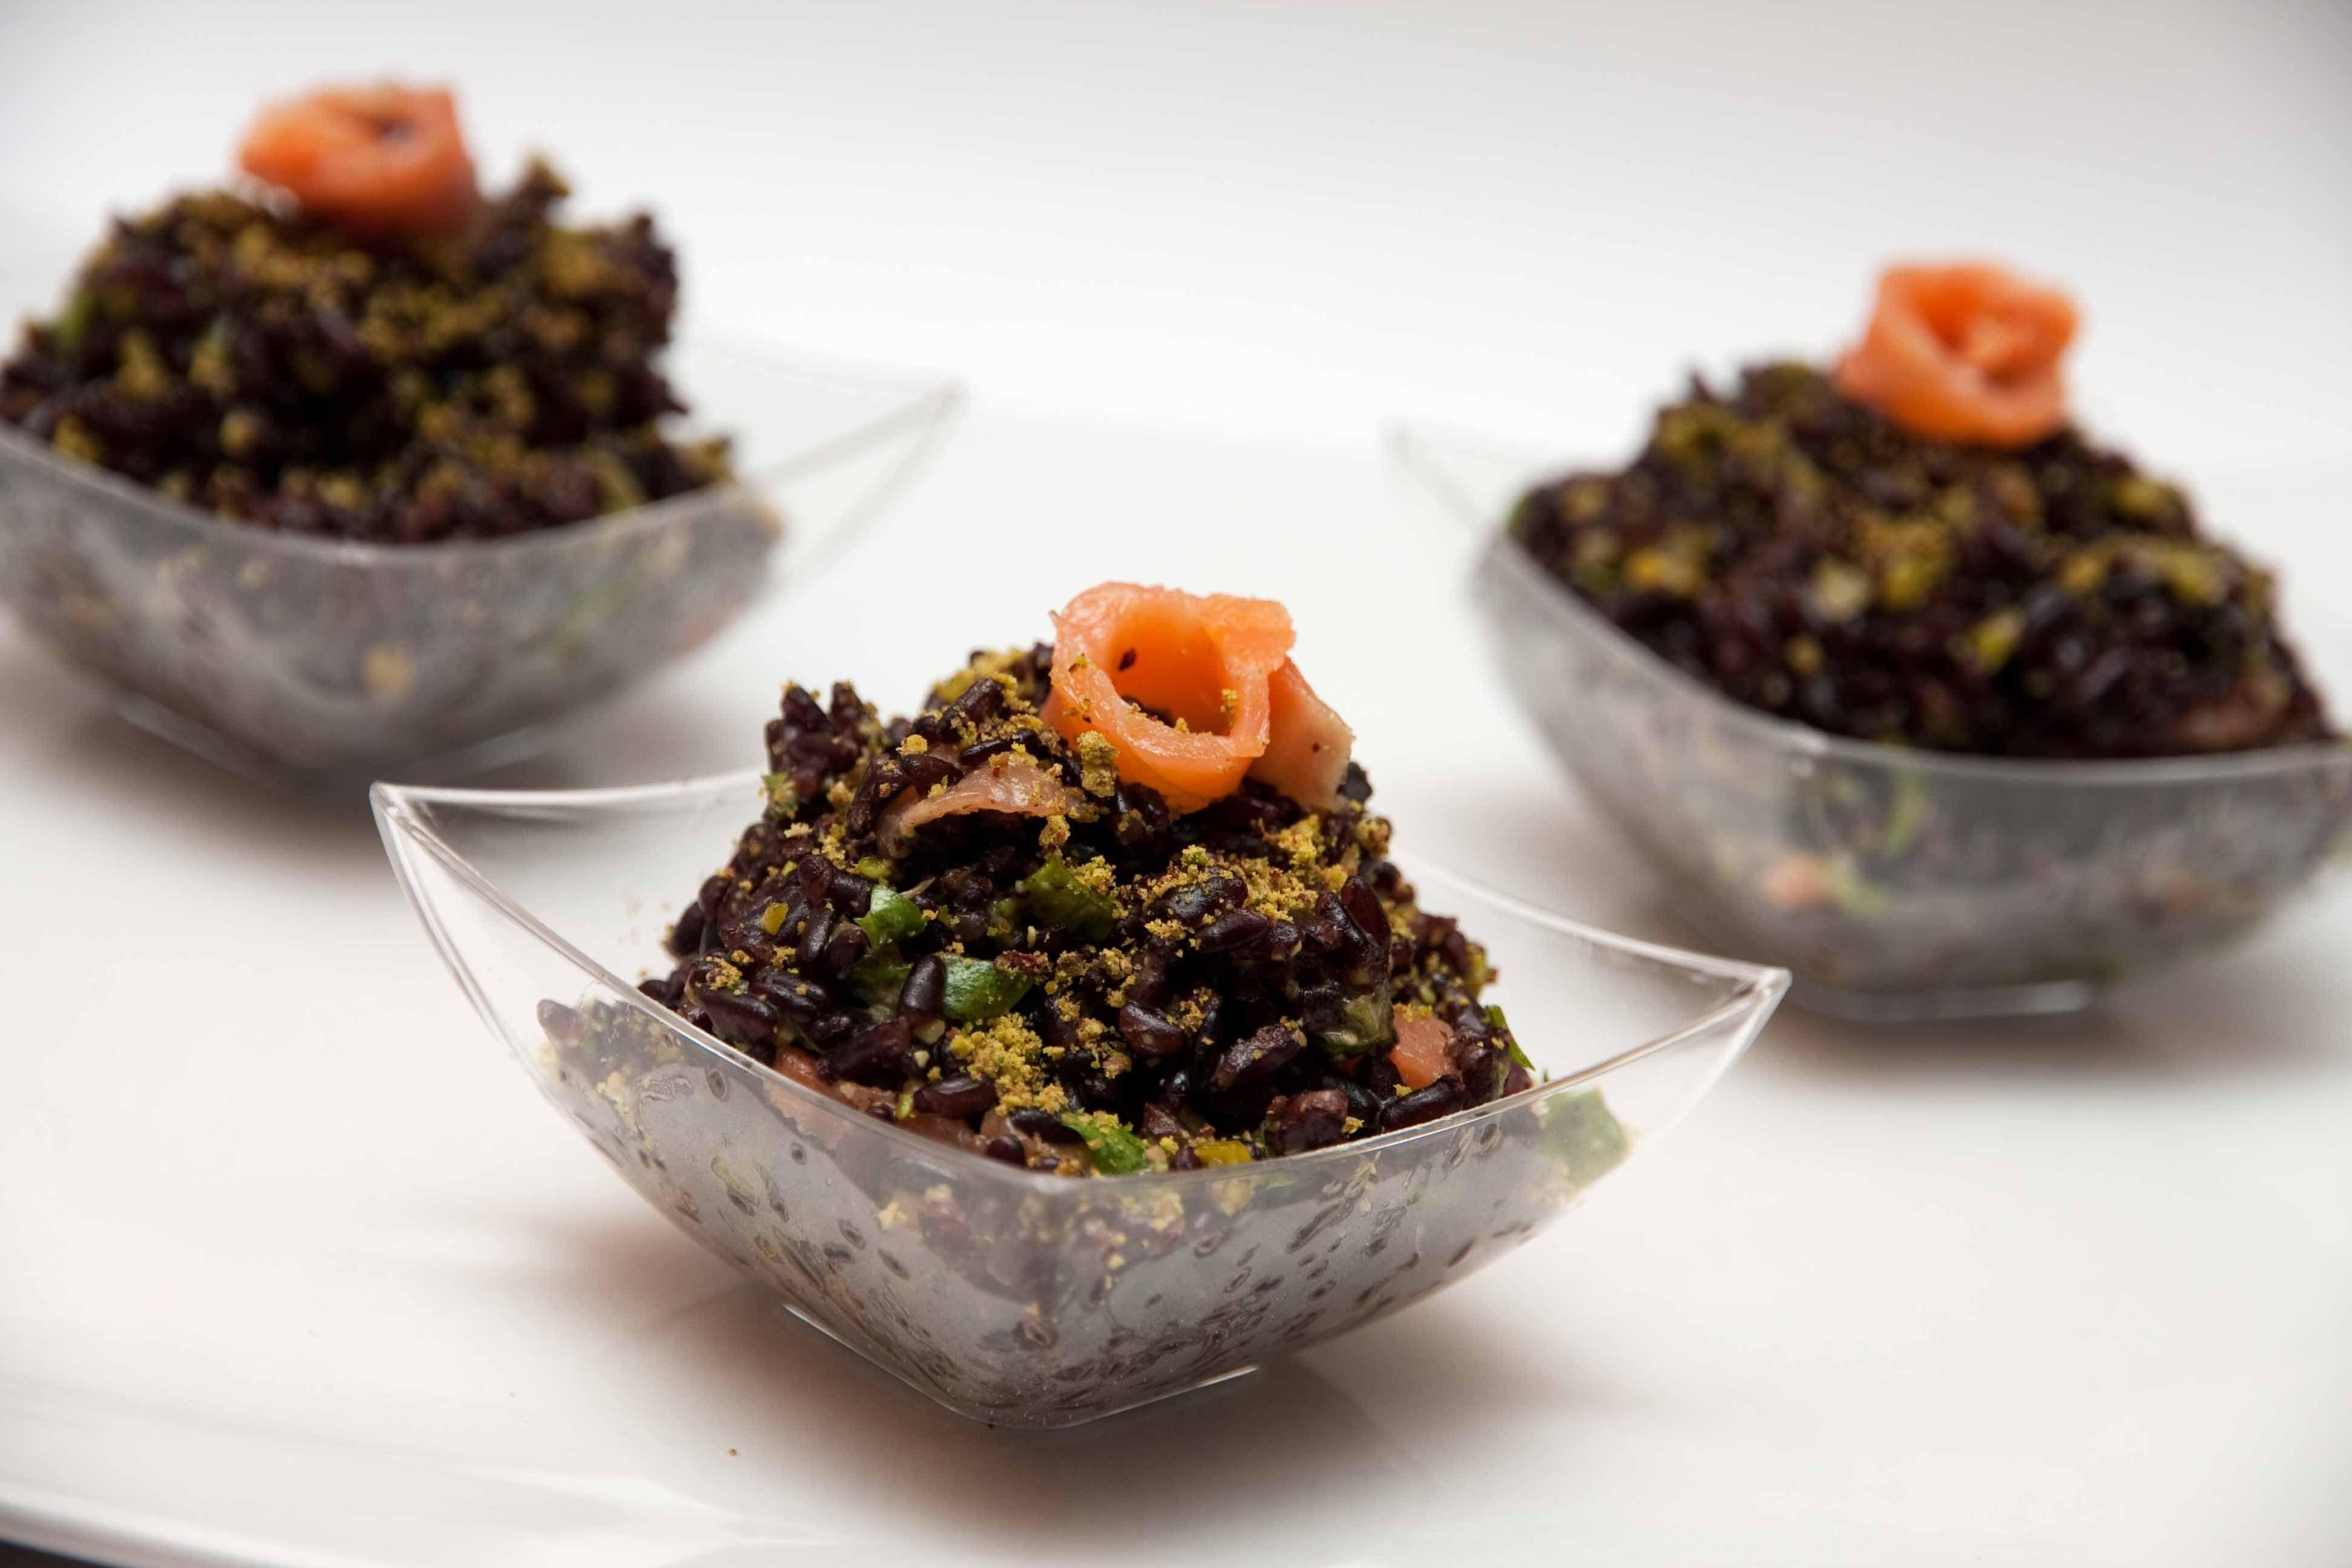 Il riso venere pesto di pistacchio e salmone affumicato for Cucinare riso venere